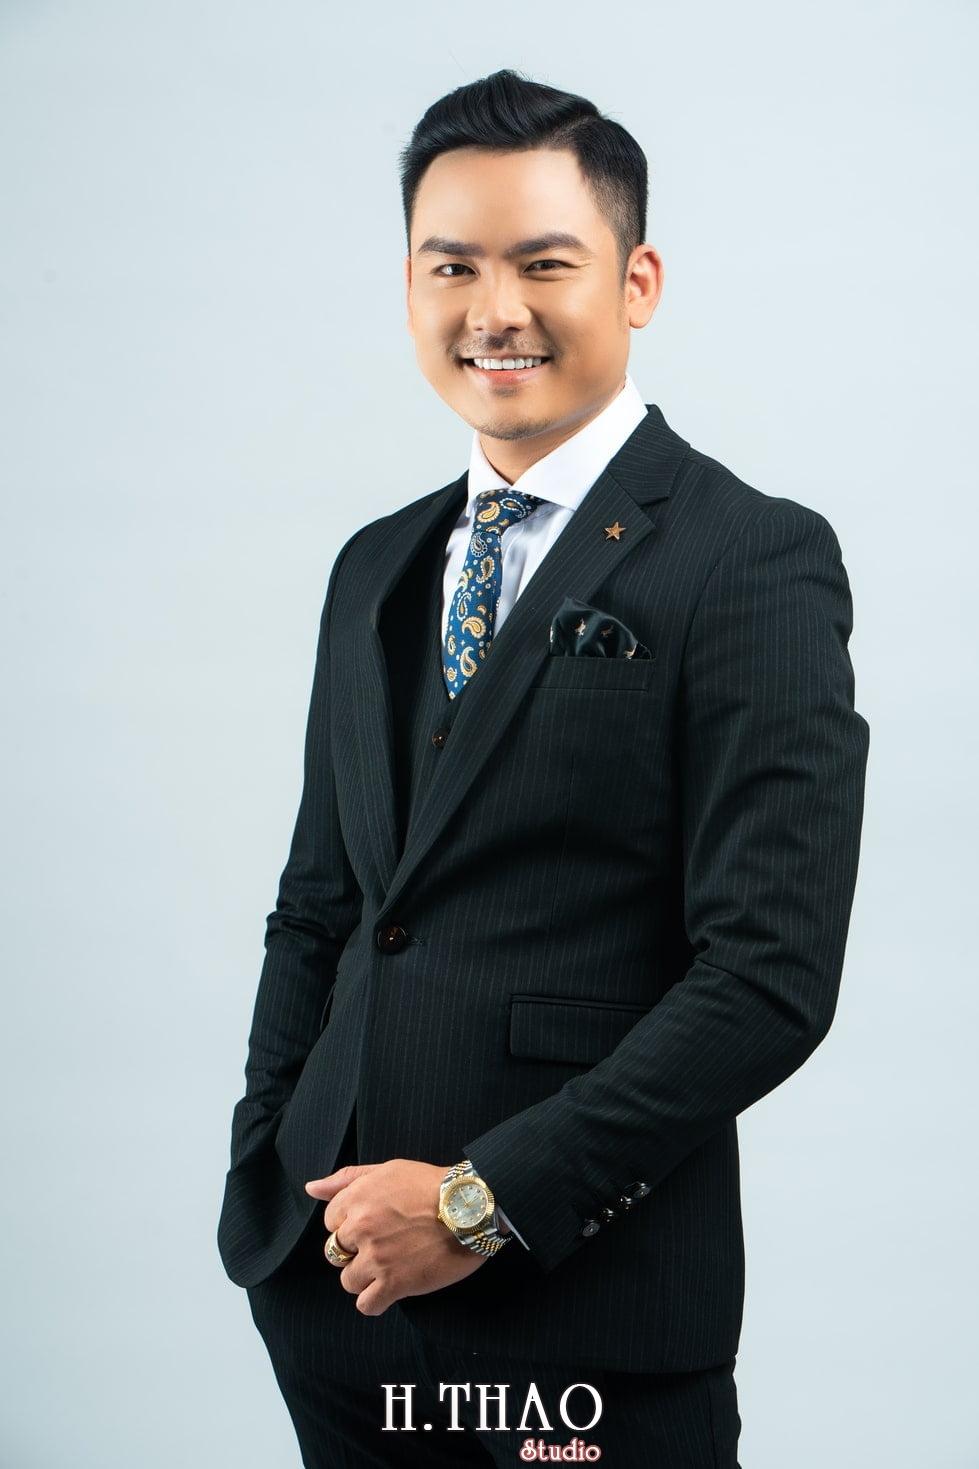 Anh Doanh nhan 30 1 - Ảnh doanh nhân, CEO & Founder PFT Academy Mr.Tuan Anh – HThao Studio